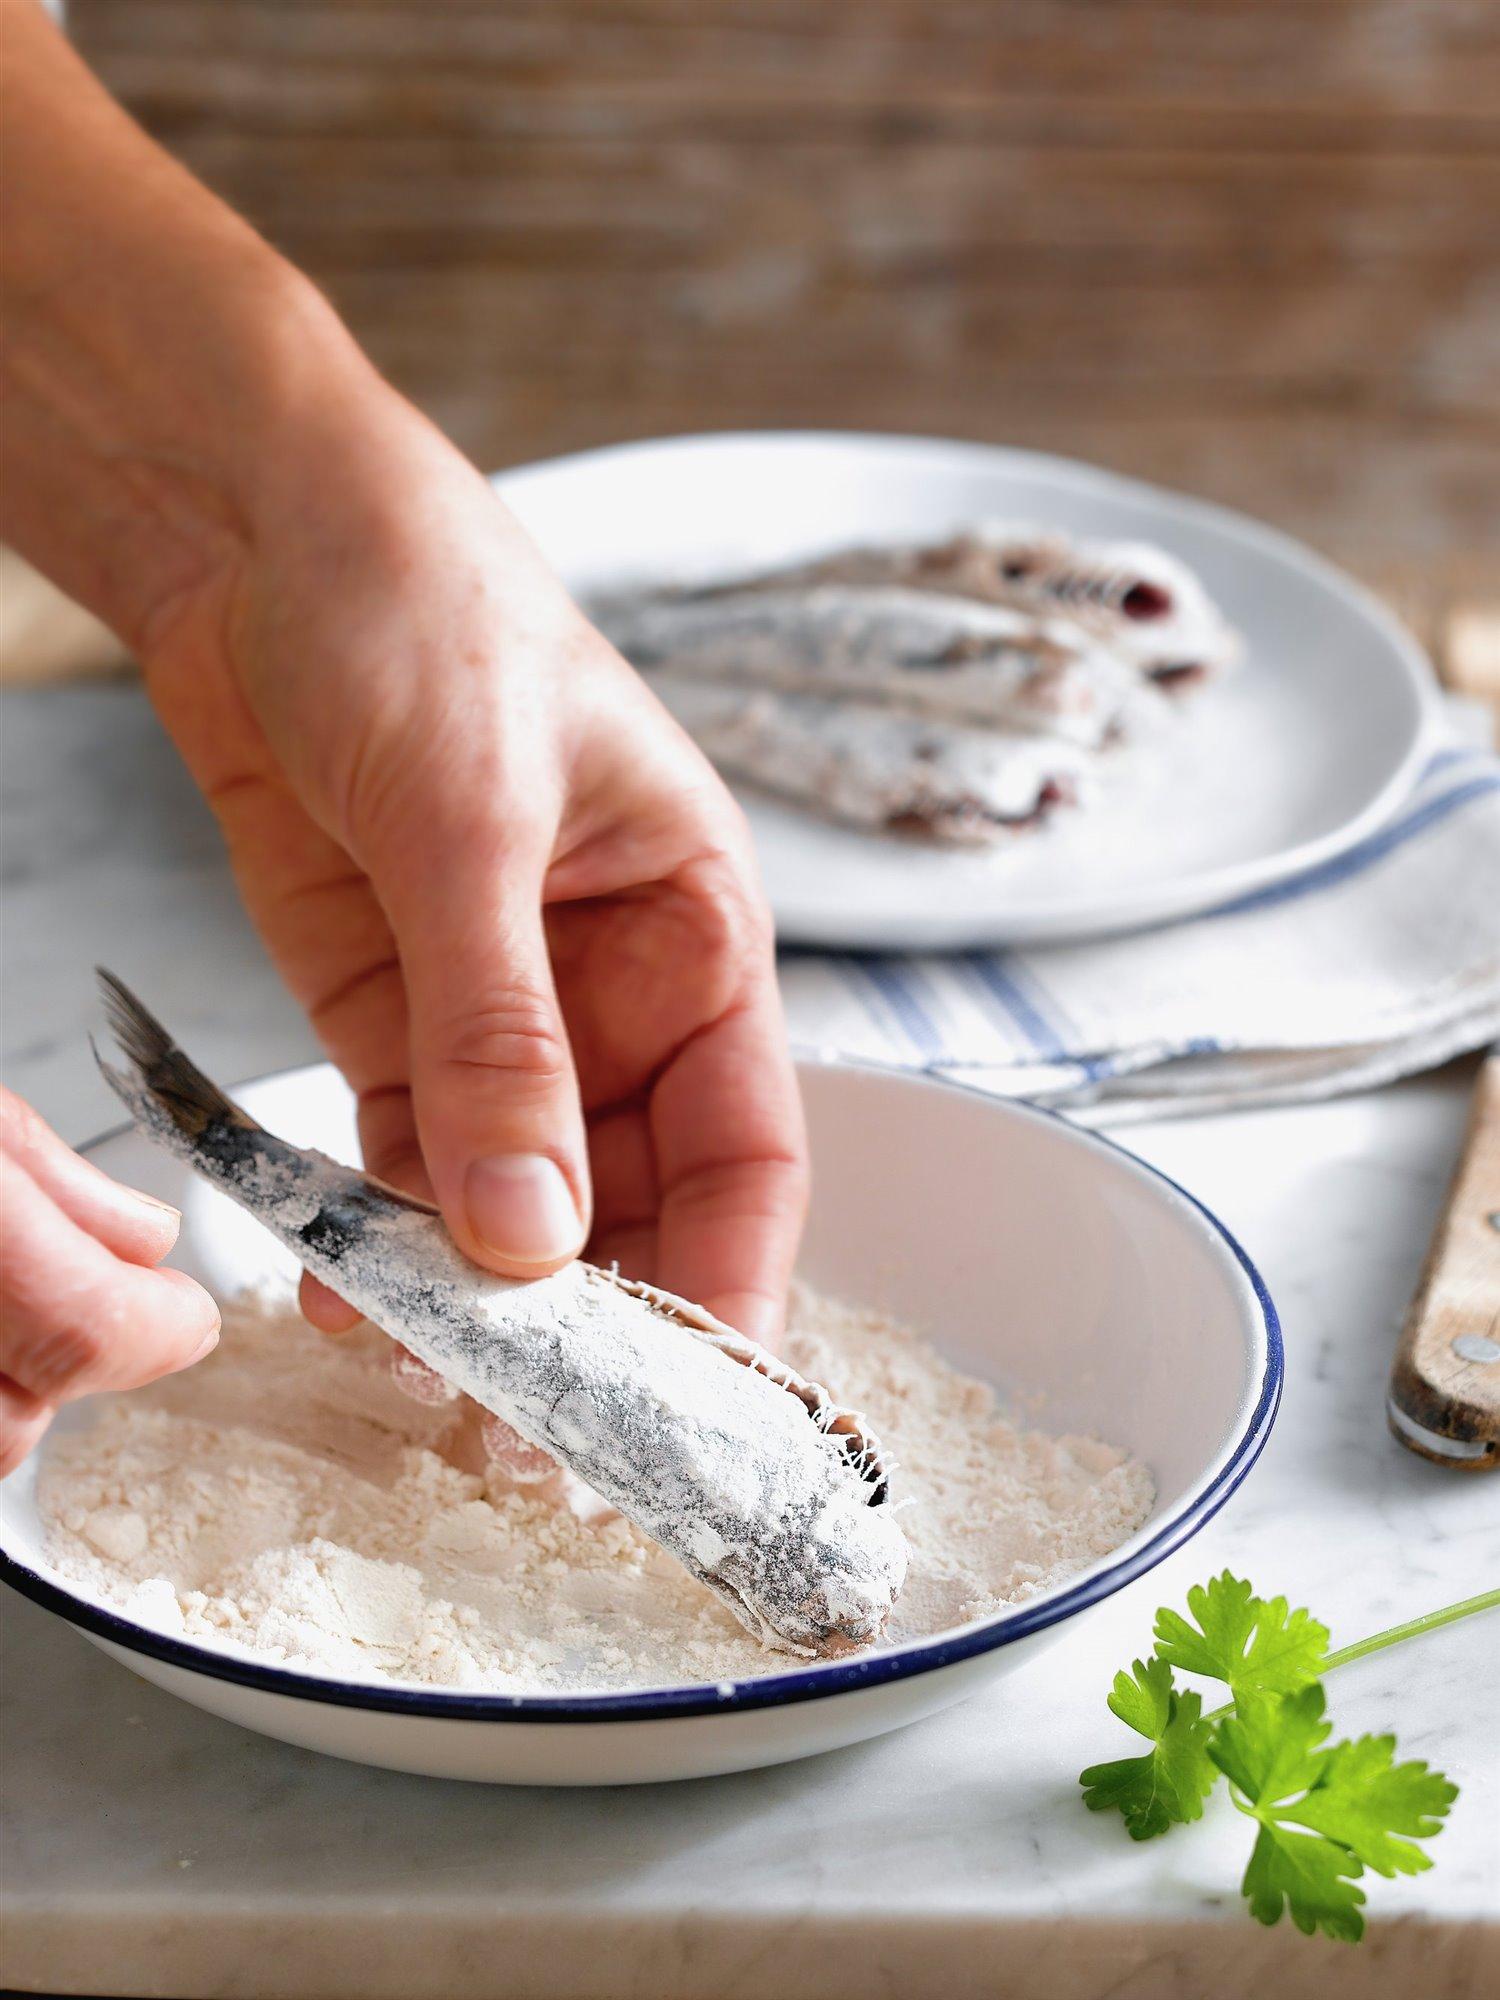 2. Enharina el pescado